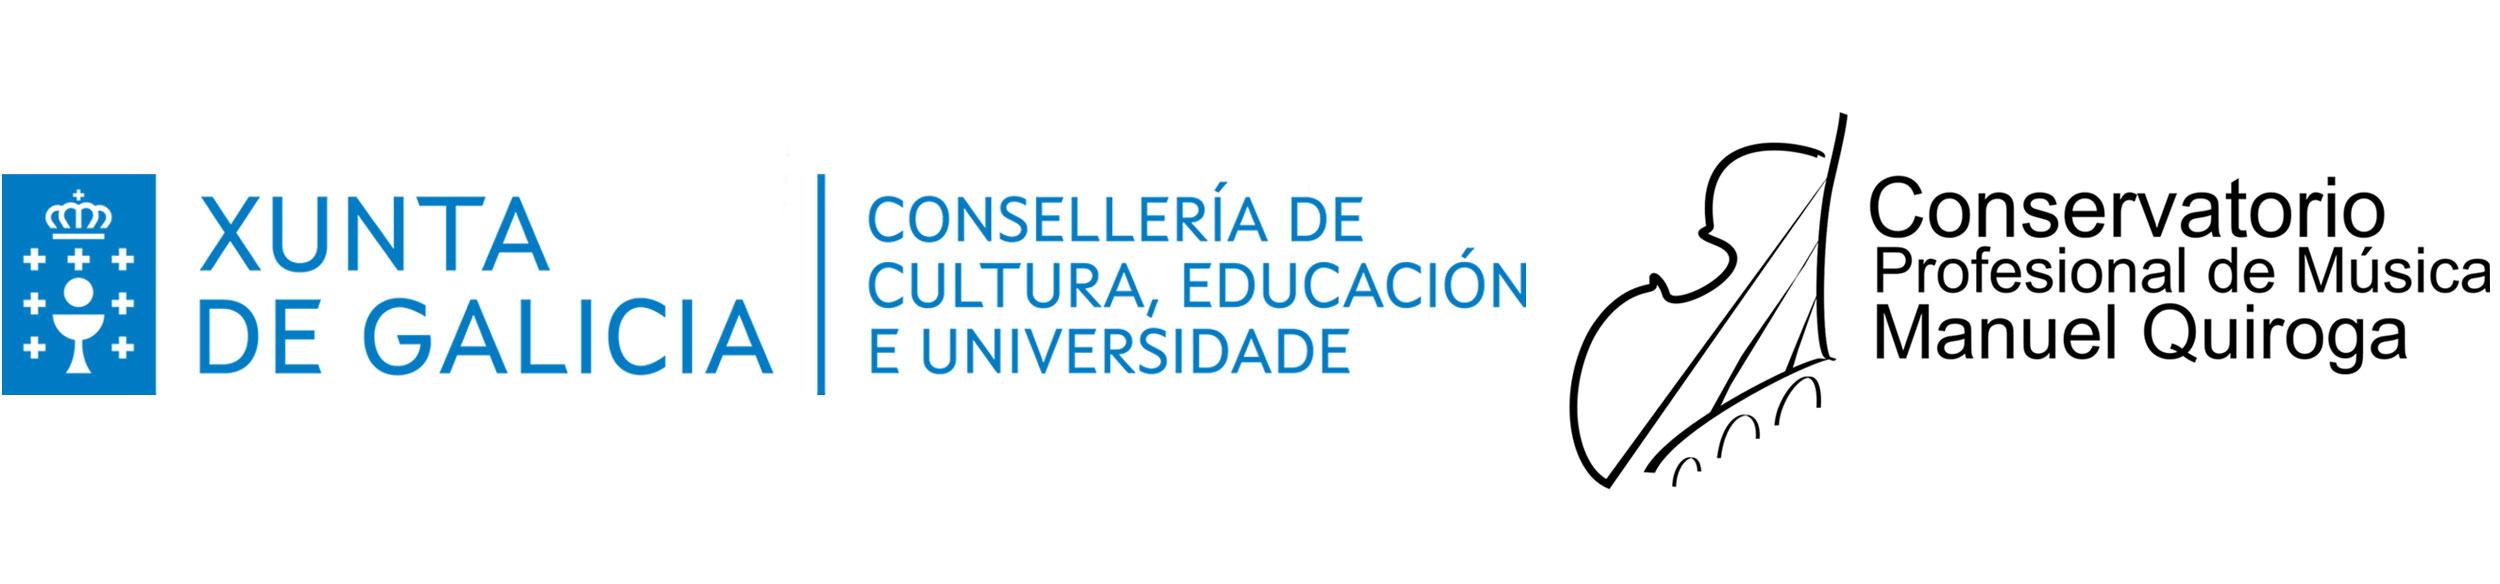 CMUS Manuel Quiroga, Pontevedra